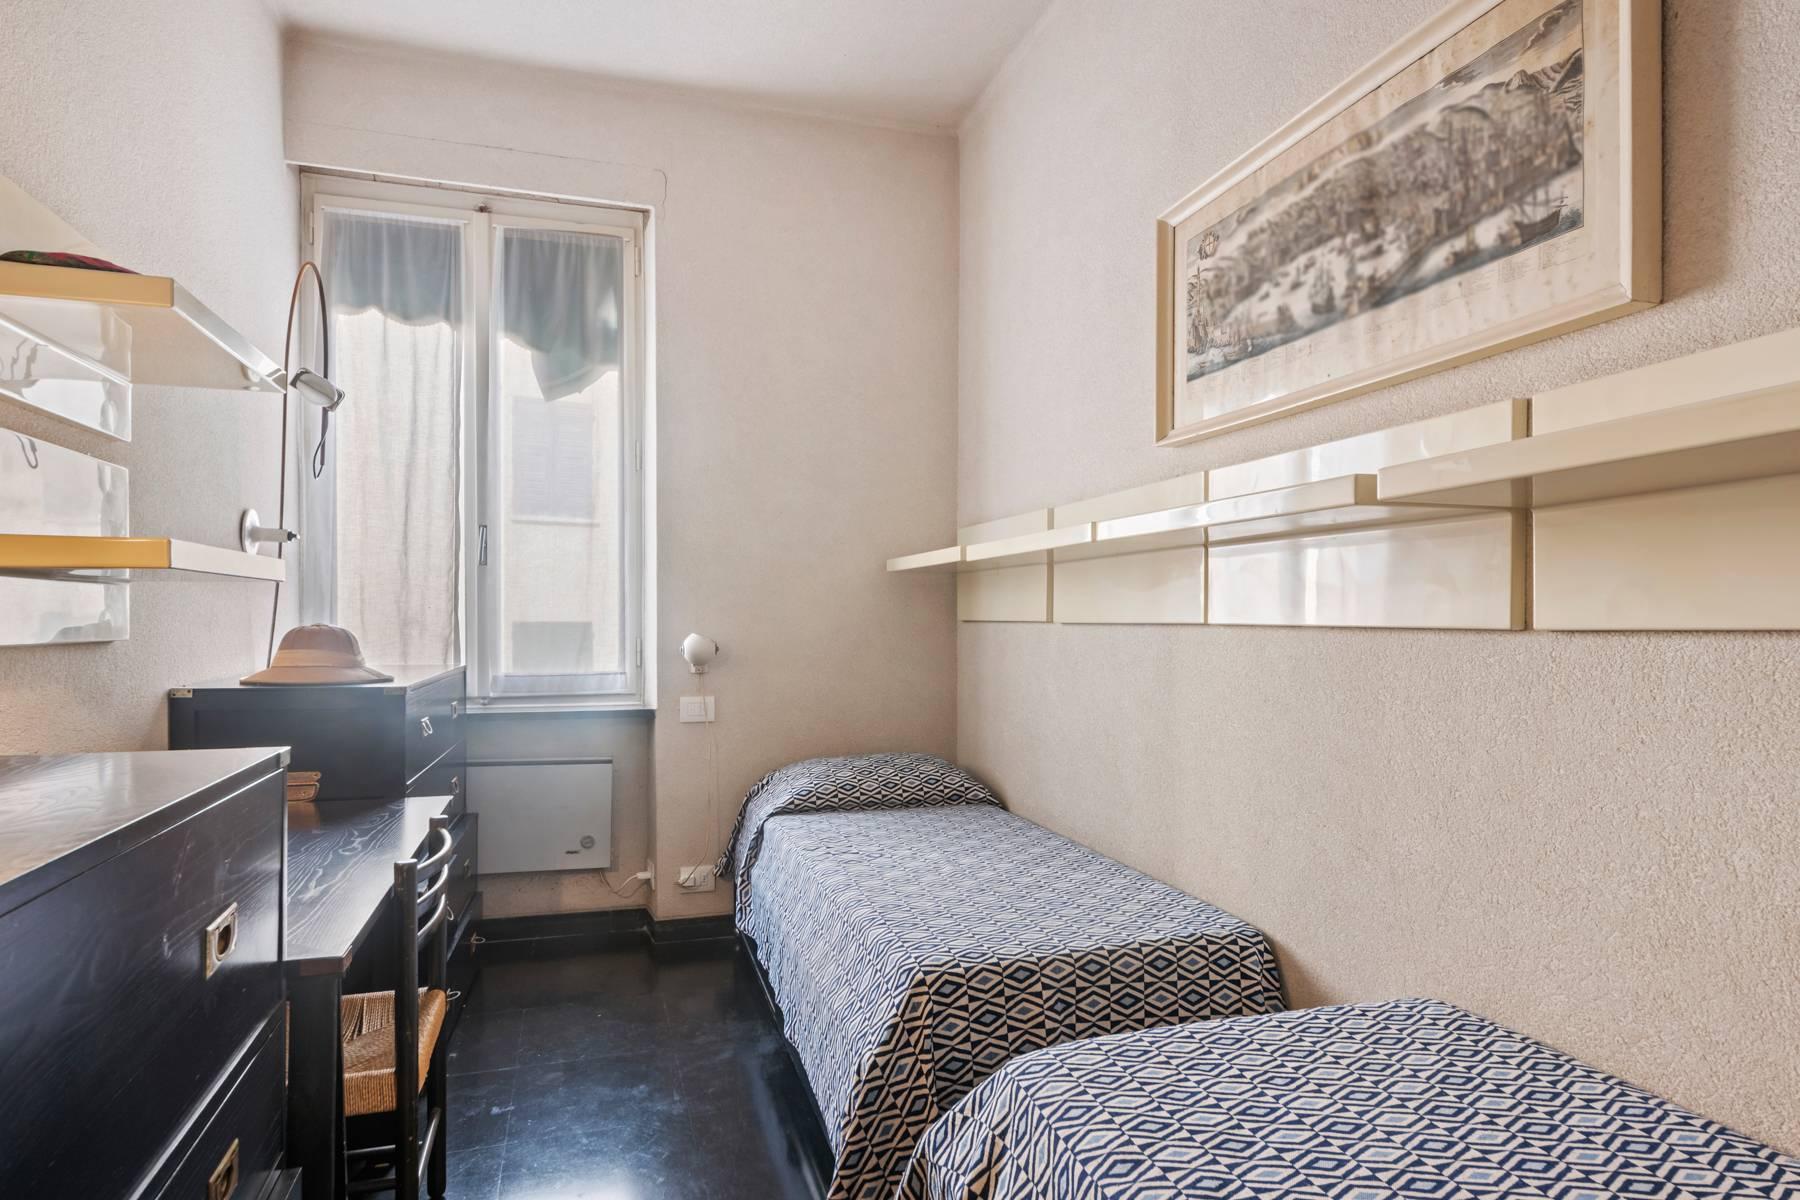 Appartamento in Vendita a Santa Margherita Ligure: 5 locali, 120 mq - Foto 19